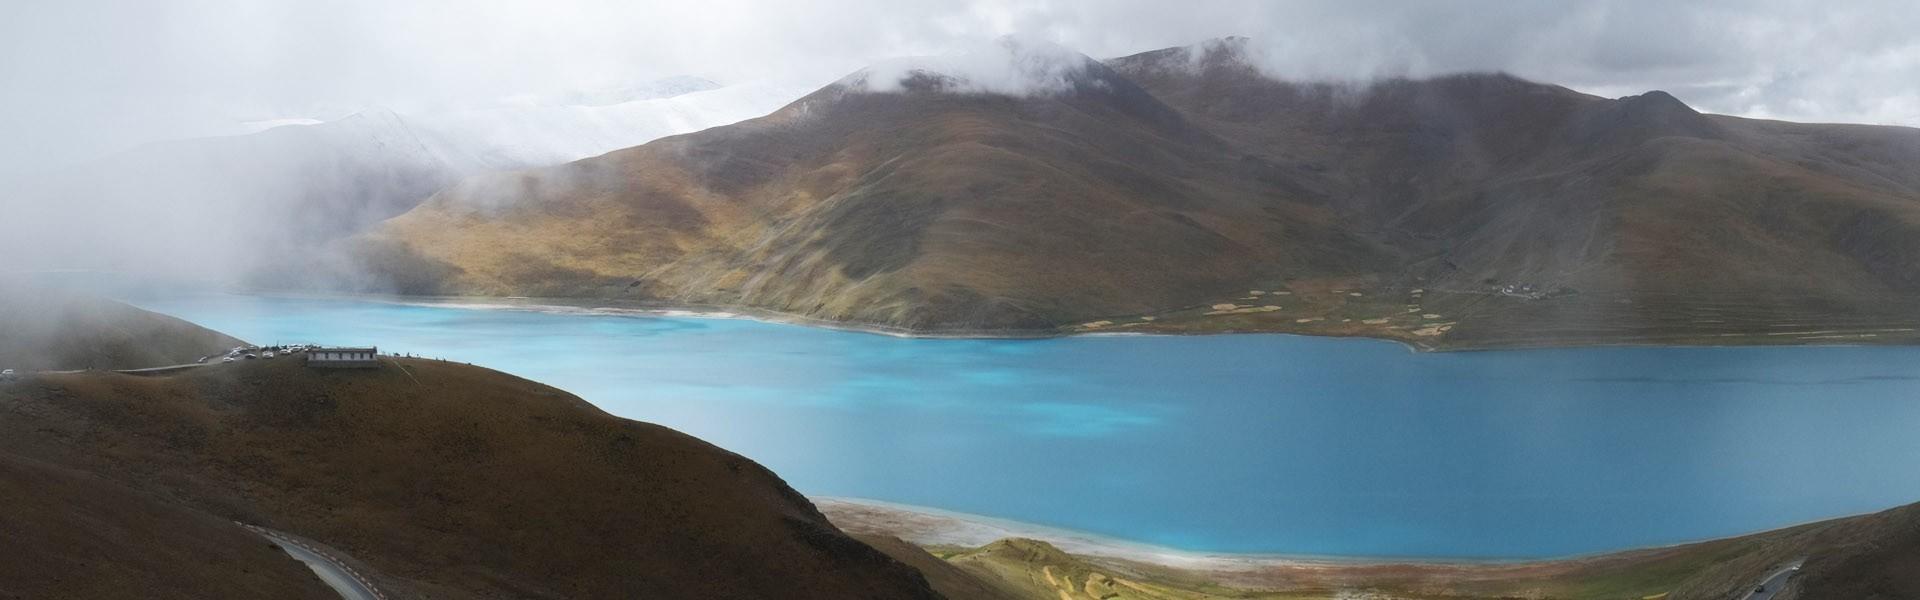 Yamdrok Tso Lake'1920x600'1